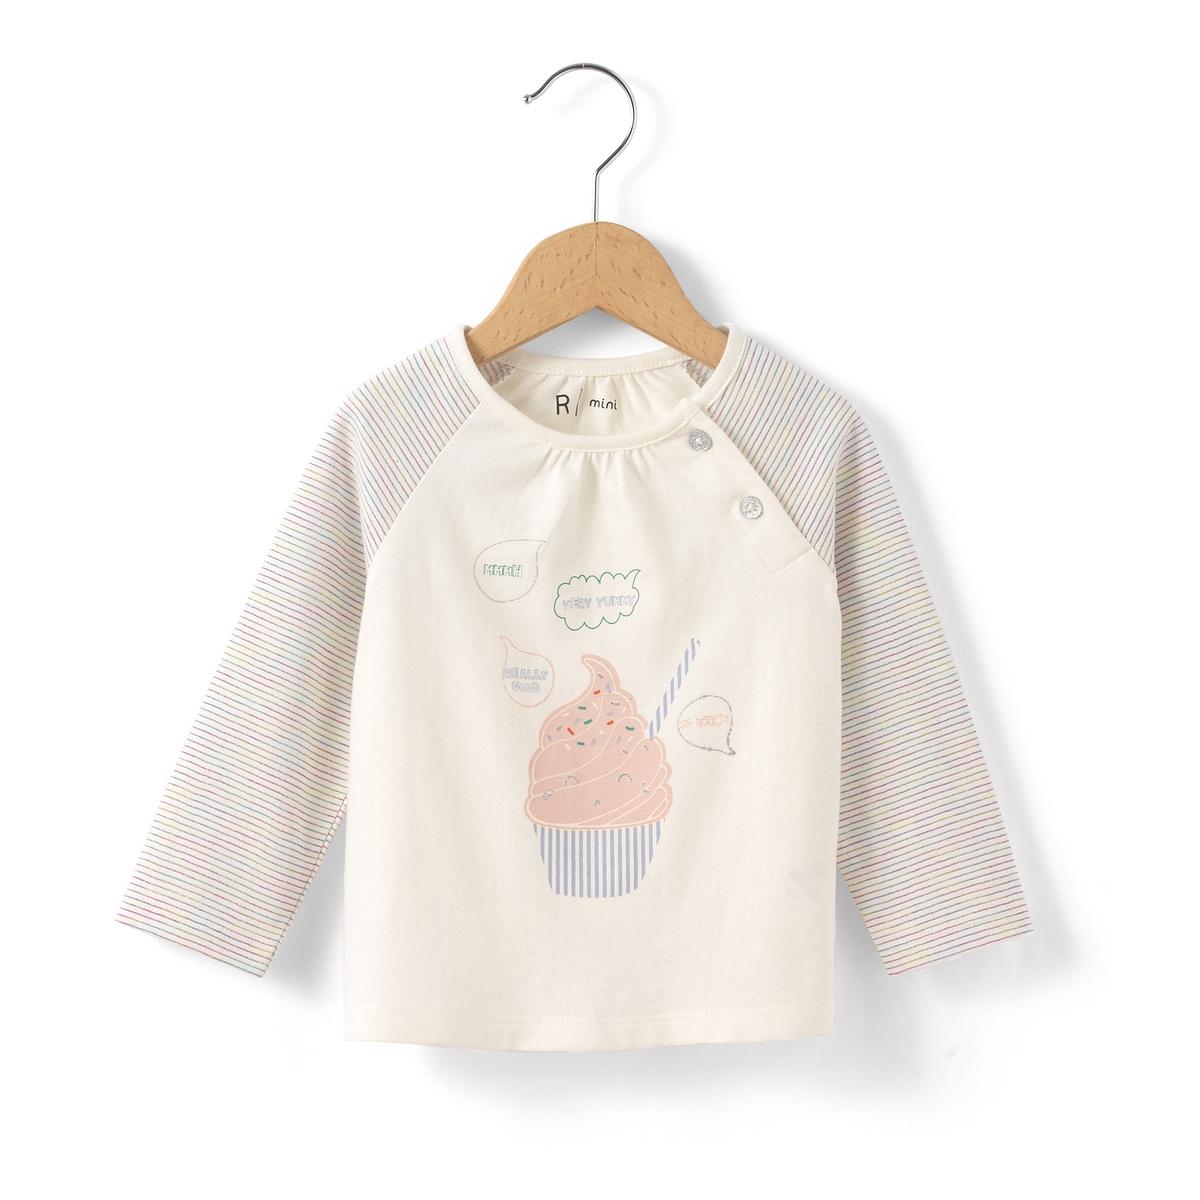 Футболка с рисунком cupcake 1 мес - 3 летФутболка с длинными рукавами в полоску и с блестящим отливом . С пуговицей на плече. Круглый вырез со складками. Пройма-реглан. Рукава в полоску. Рисунок cupcake спереди.  Состав и описание :Материал          100% хлопокМарка:          R miniУход: Машинная стирка при 30 °С с вещами схожих цветовСтирать и гладить с изнаночной стороныМашинная сушка запрещенаГладить на низкой температуреЗнак марки отпечатан с внутренней стороны и не напечатан на пришитой этикетке сзади, чтобы не вызвать раздражение или зуд на коже ребенка .<br><br>Цвет: набивной рисунок<br>Размер: 1 год - 74 см.3 мес. - 60 см.1 мес. - 54 см